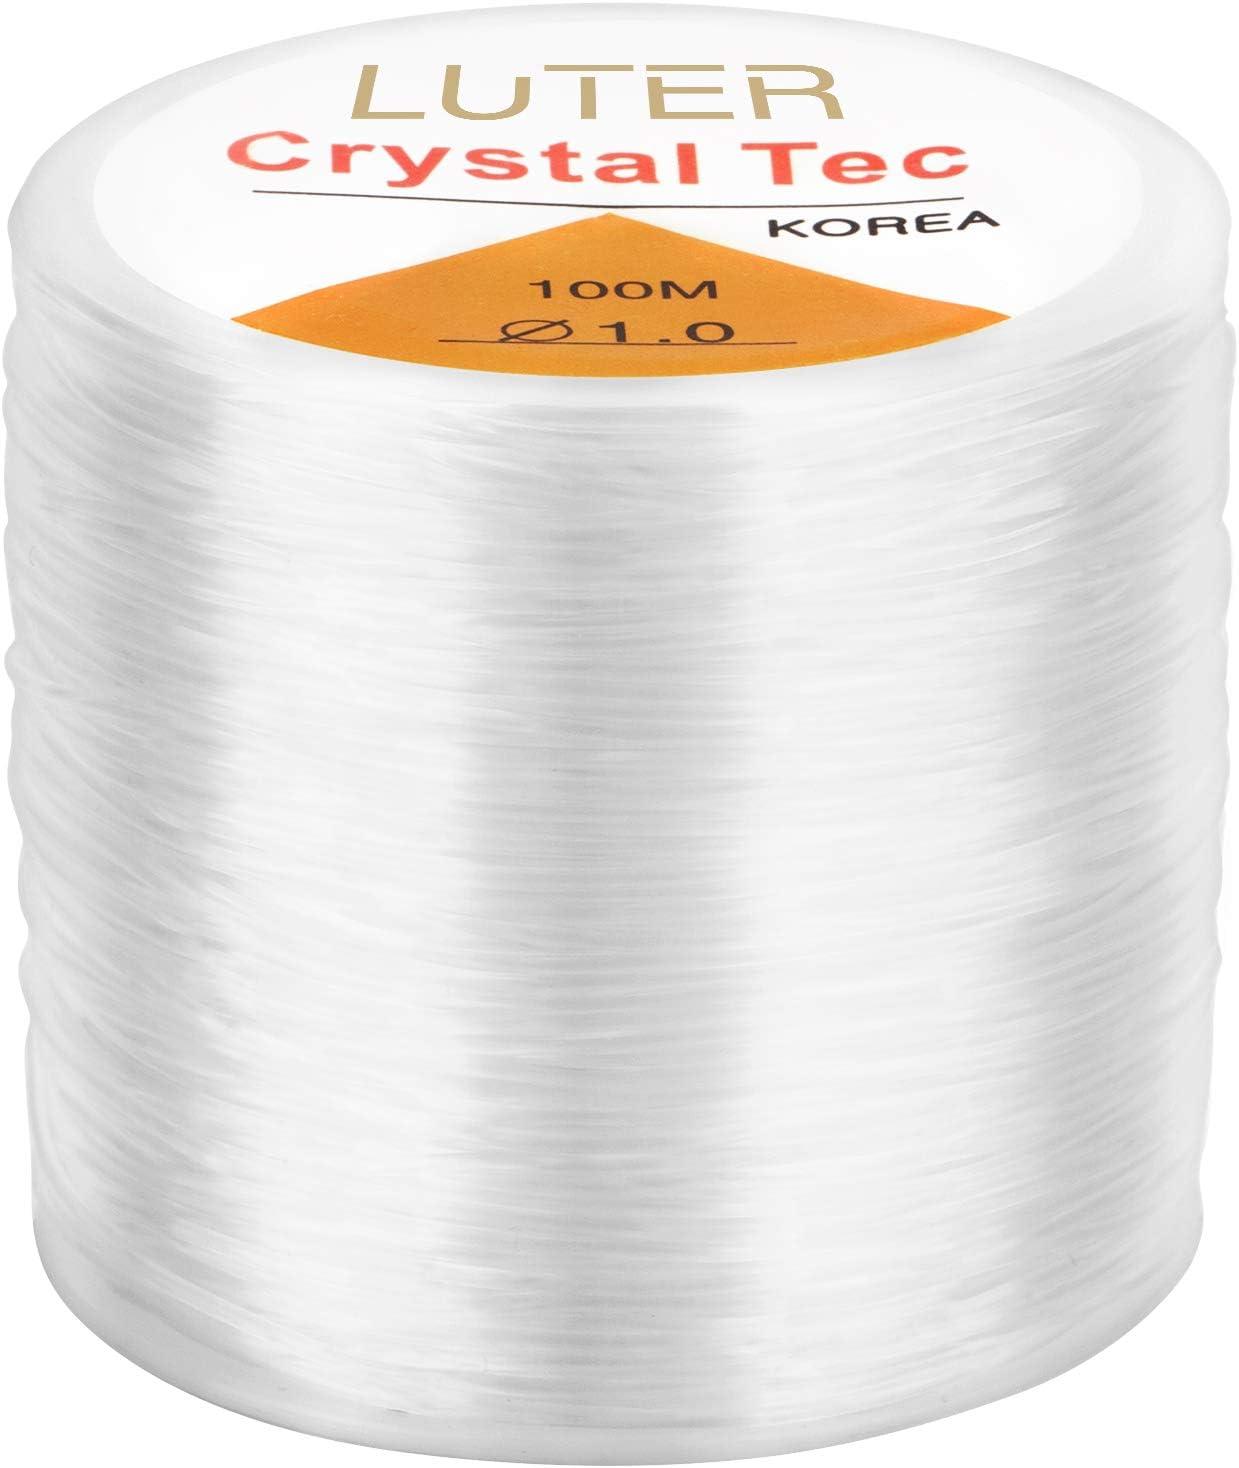 LUTER 1mm Pulsera elástica Cuerda de cuerda Claro elástico Hilo de abalorios para Fabricación de joyas Pulsera de collar (328 pies)